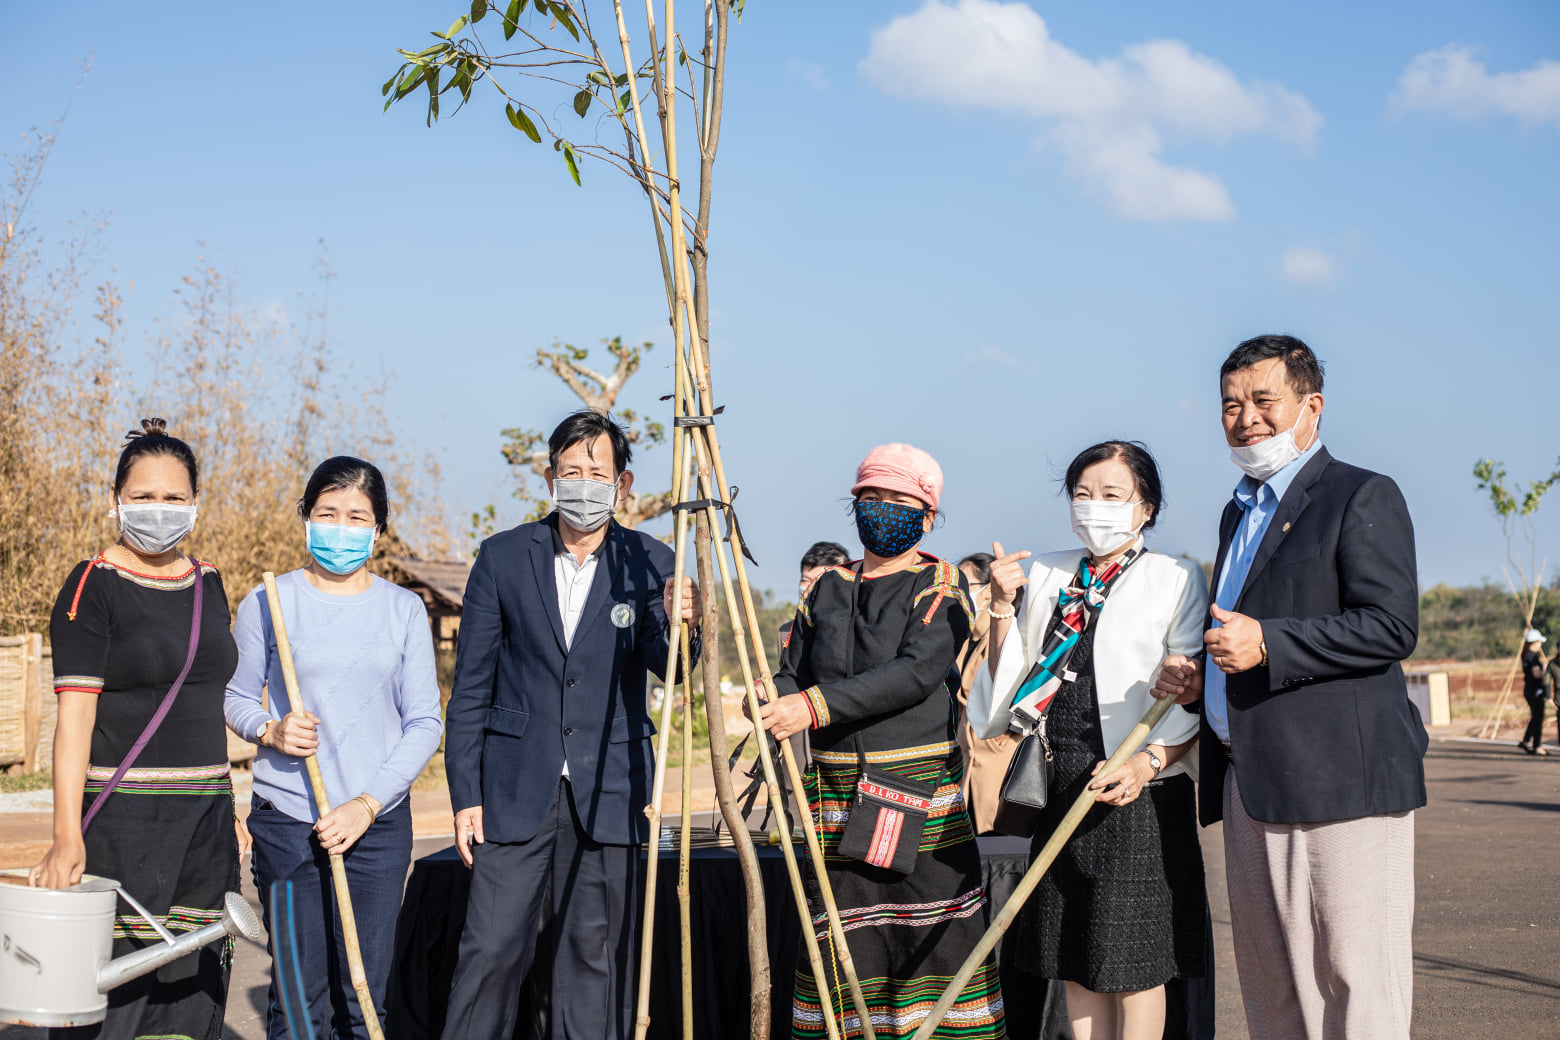 Tết trồng cây lần thứ 4 và trao giải Hội thi ủ Rượu Cần